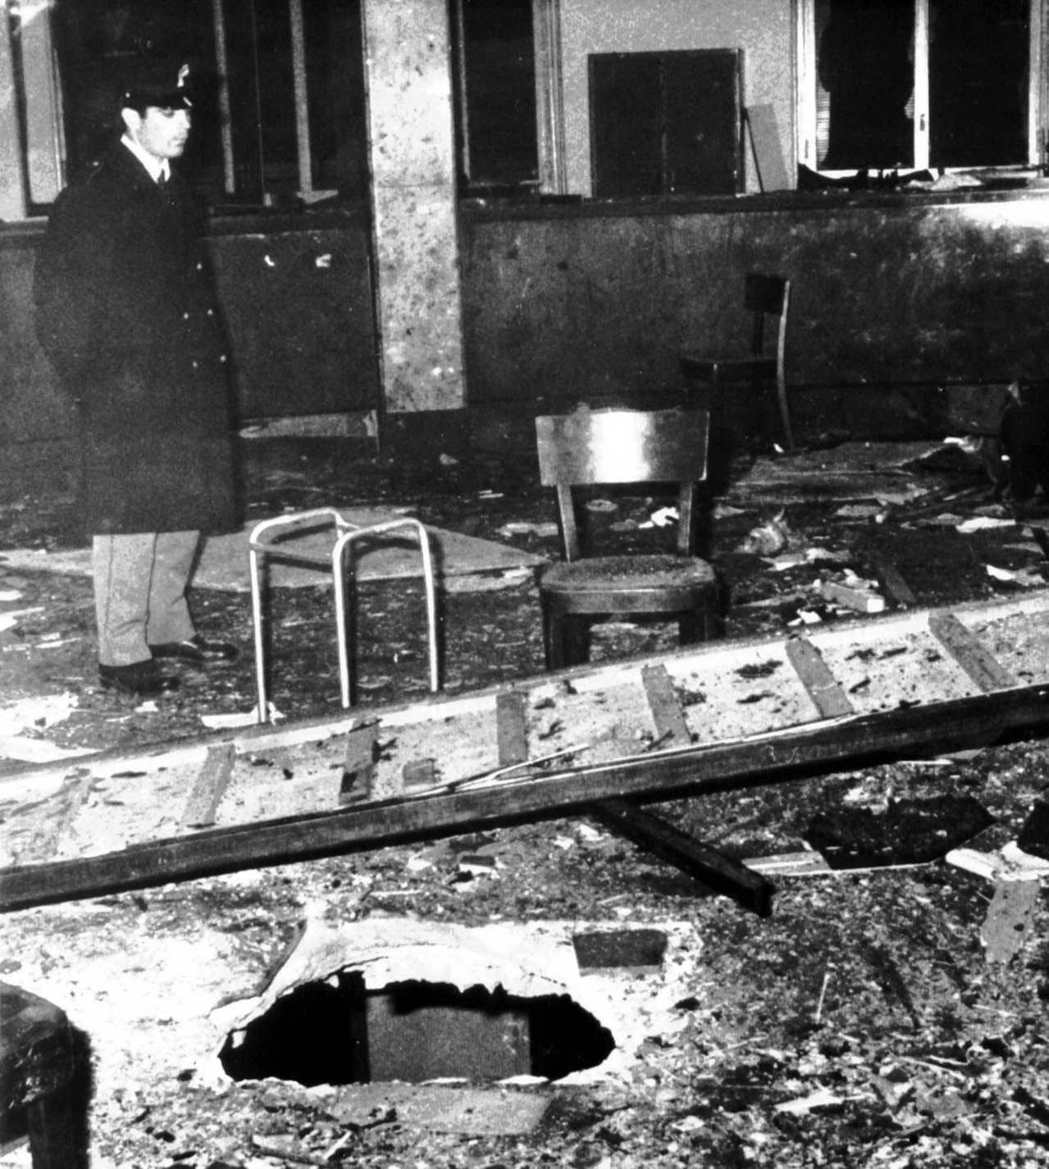 豐塔納廣場農業銀行的爆炸現場。 圖/美聯社